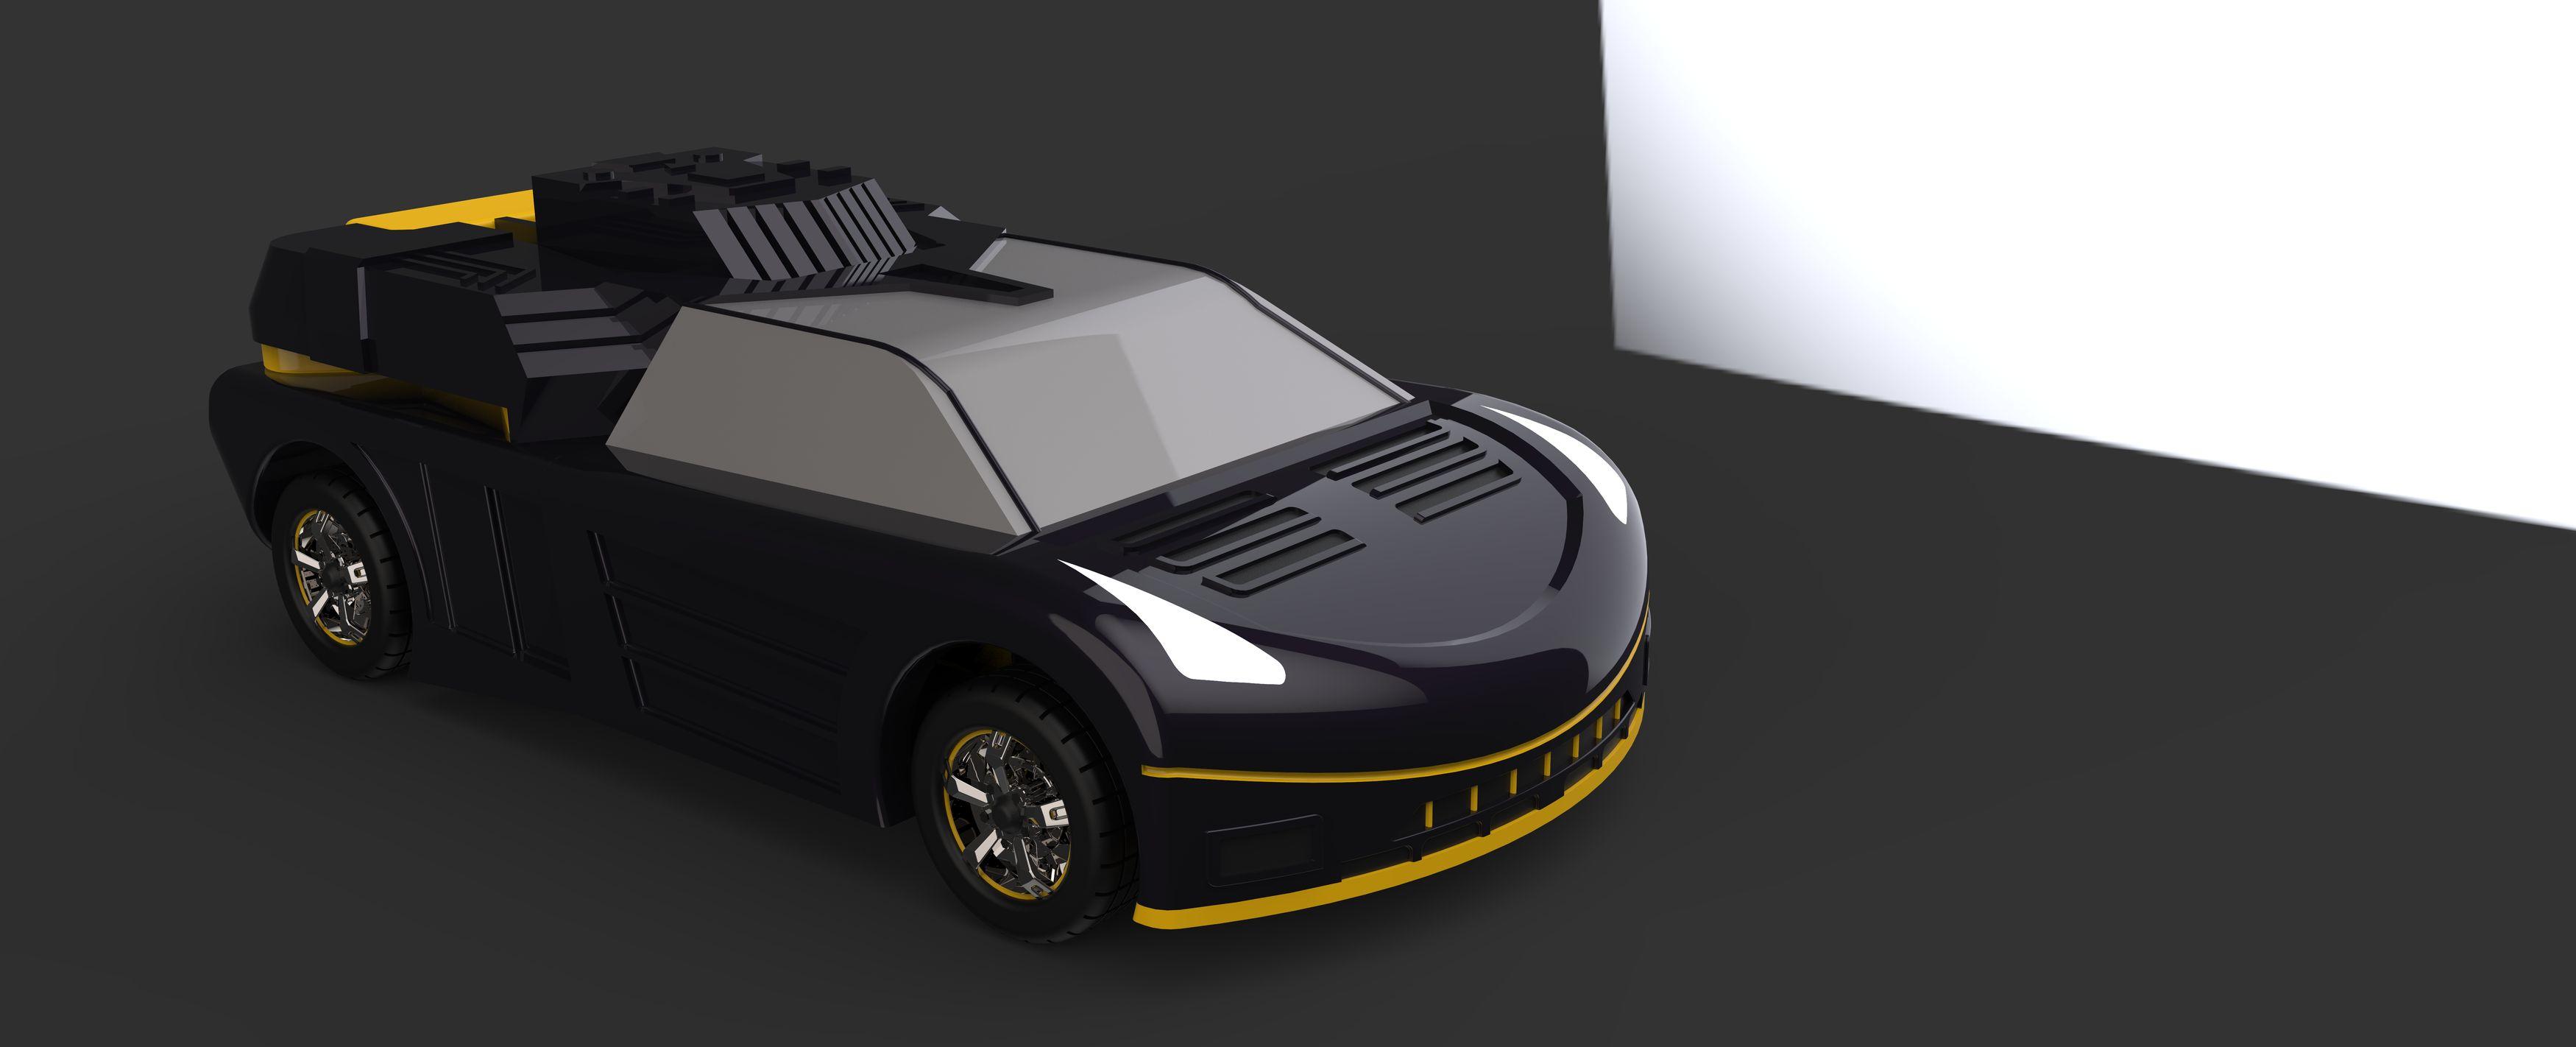 Car-bot-1-39-3500-3500